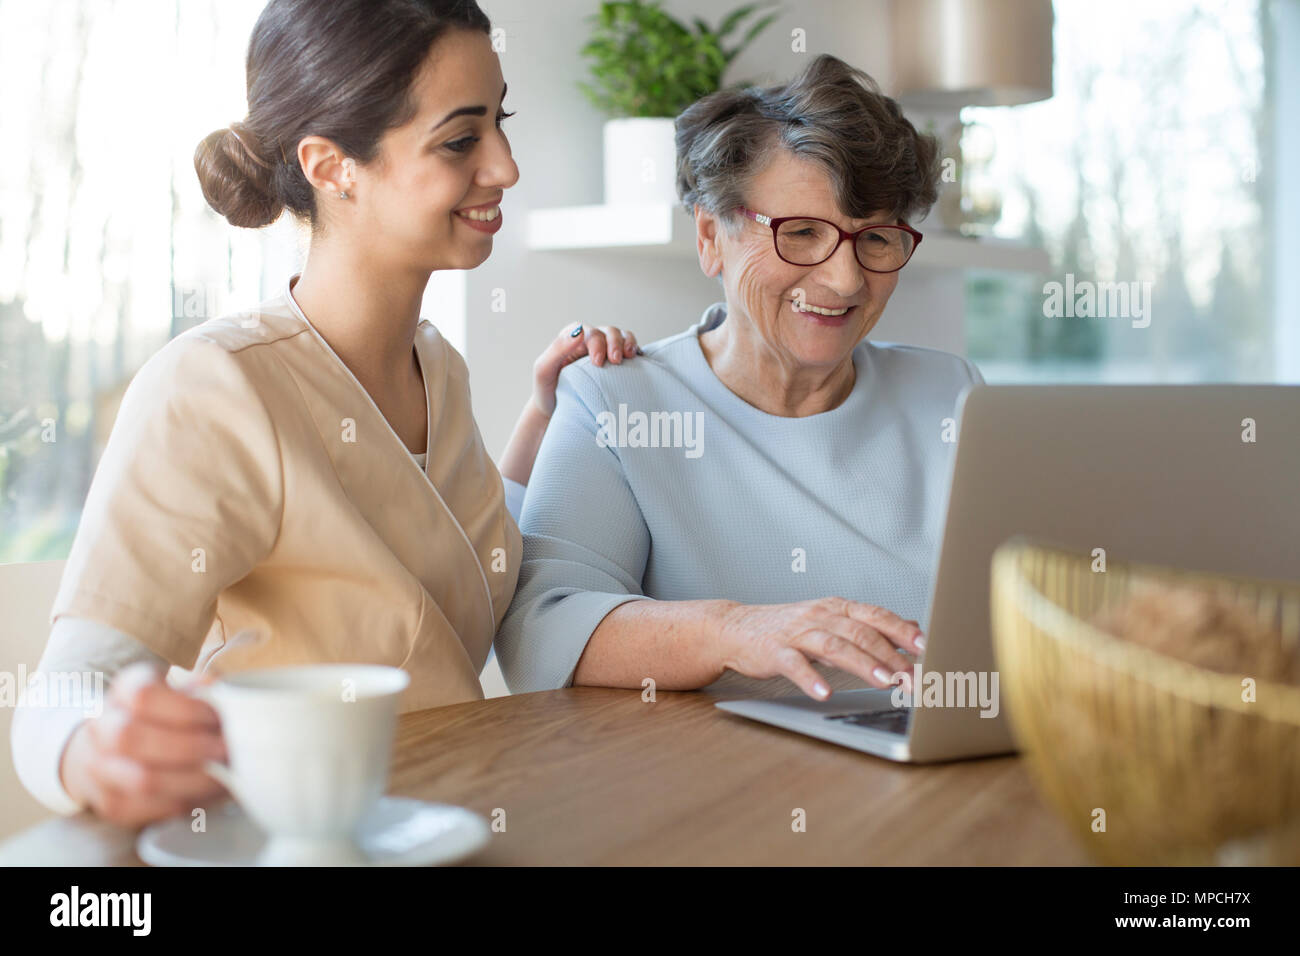 Cuidador de licitación cerrando la brecha generacional y la enseñanza una sonriente mujer mayor del uso de Internet en un ordenador portátil mientras está sentado en una mesa en un brillante r Imagen De Stock